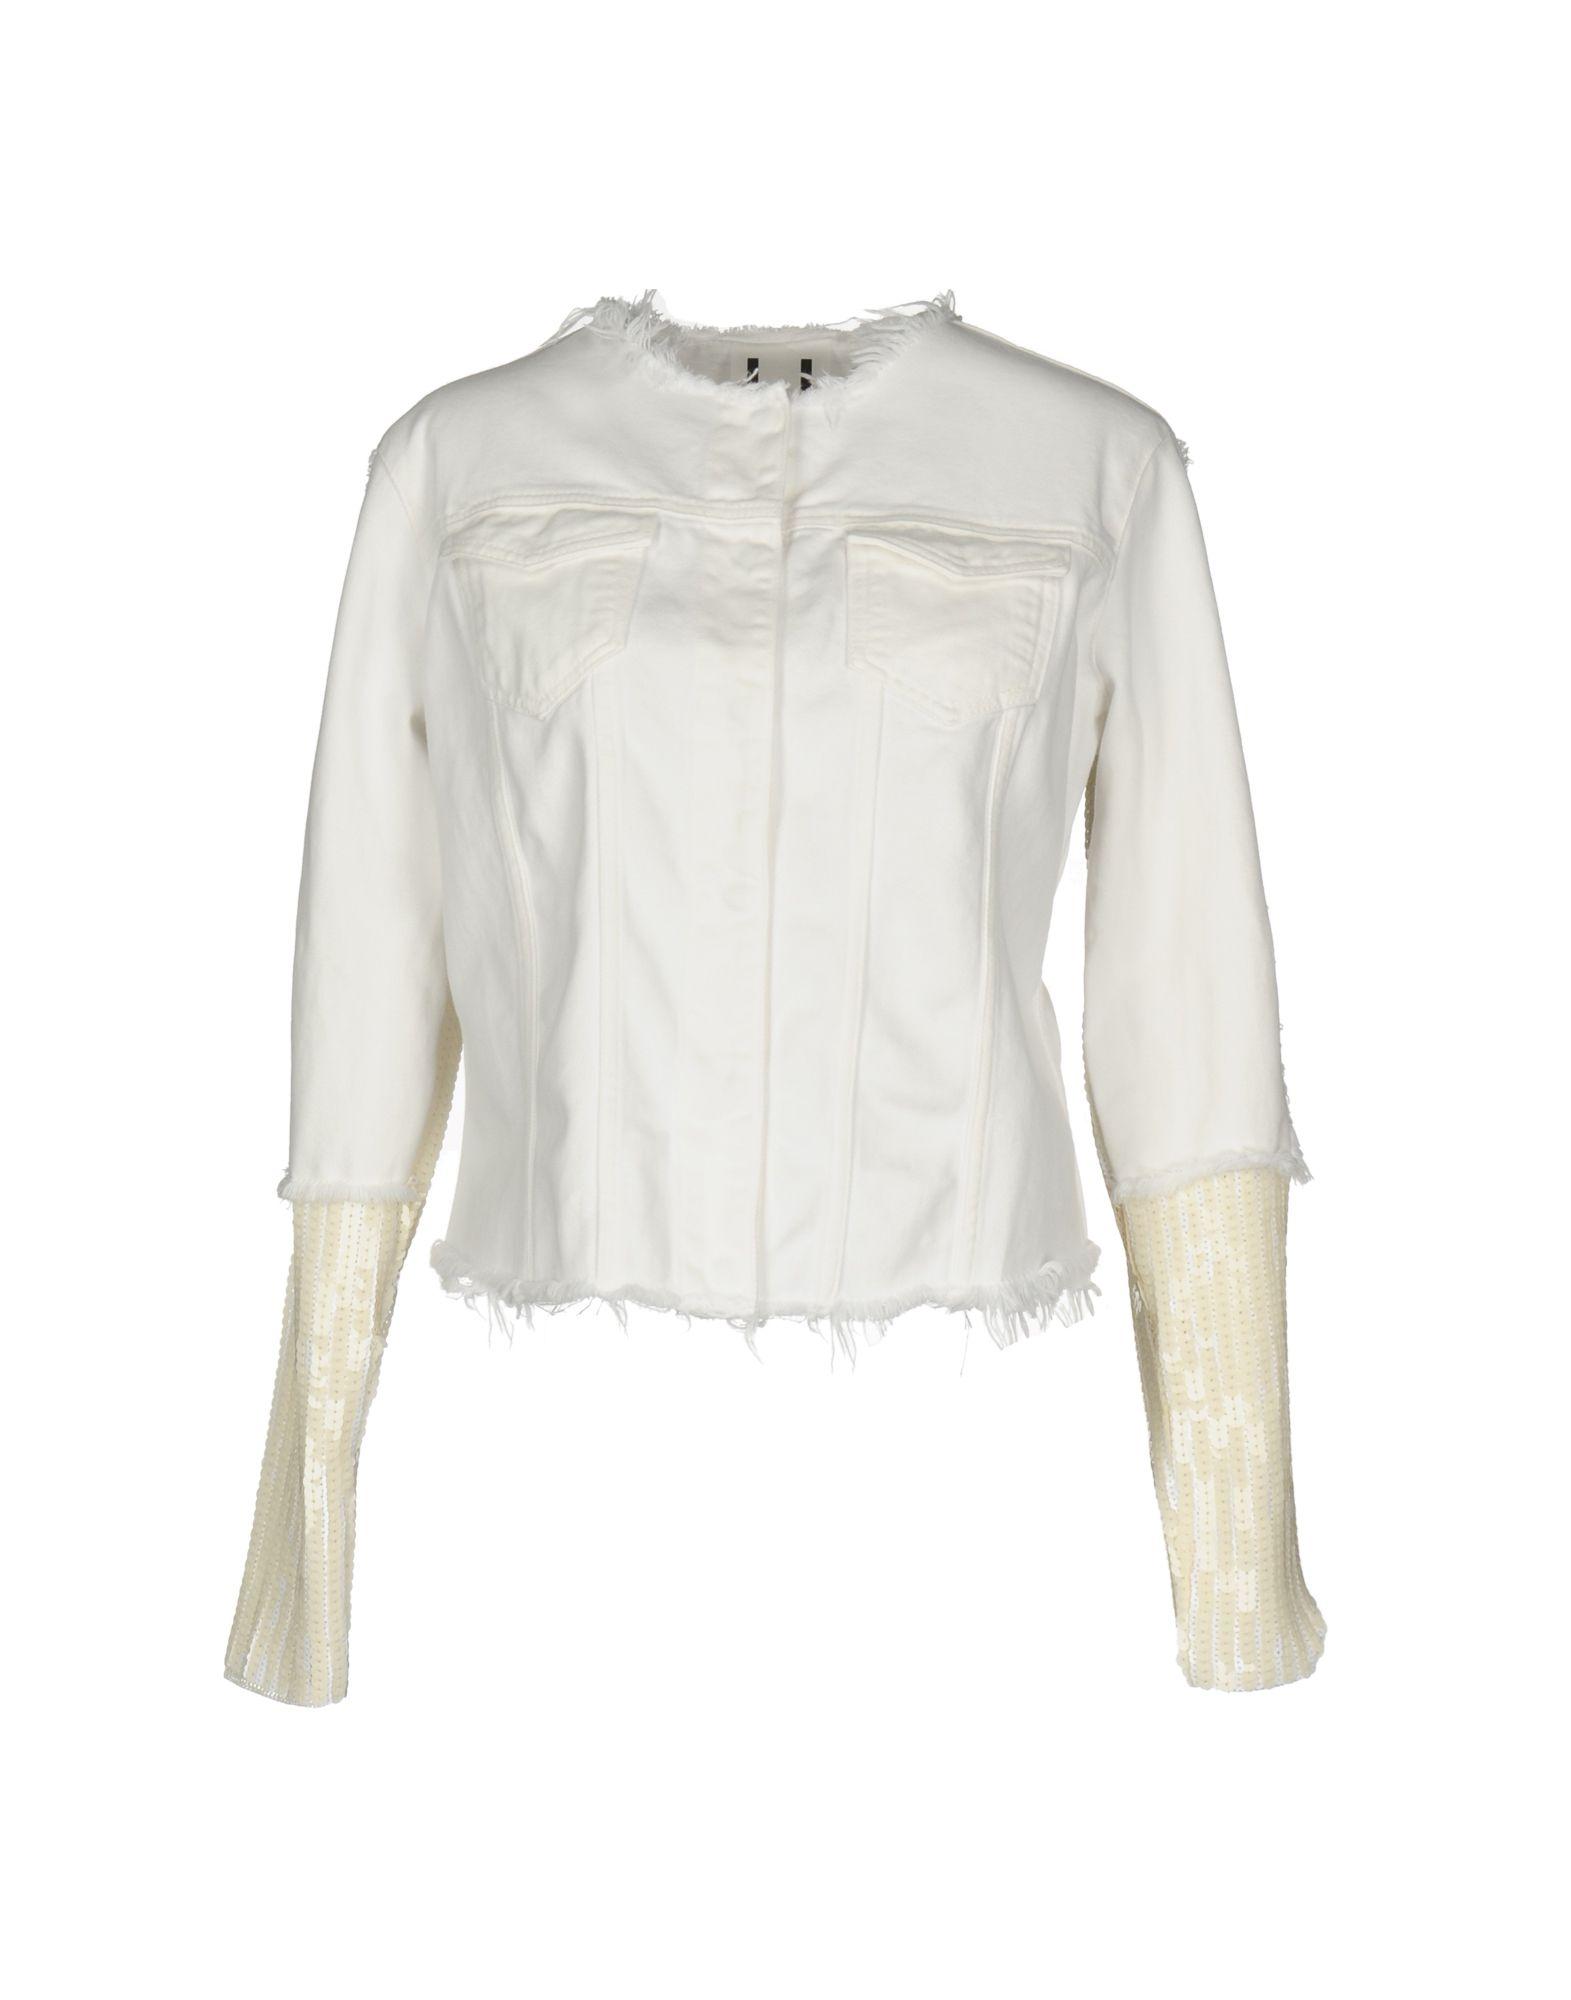 aviù джинсовая верхняя одежда AVIÙ Джинсовая верхняя одежда